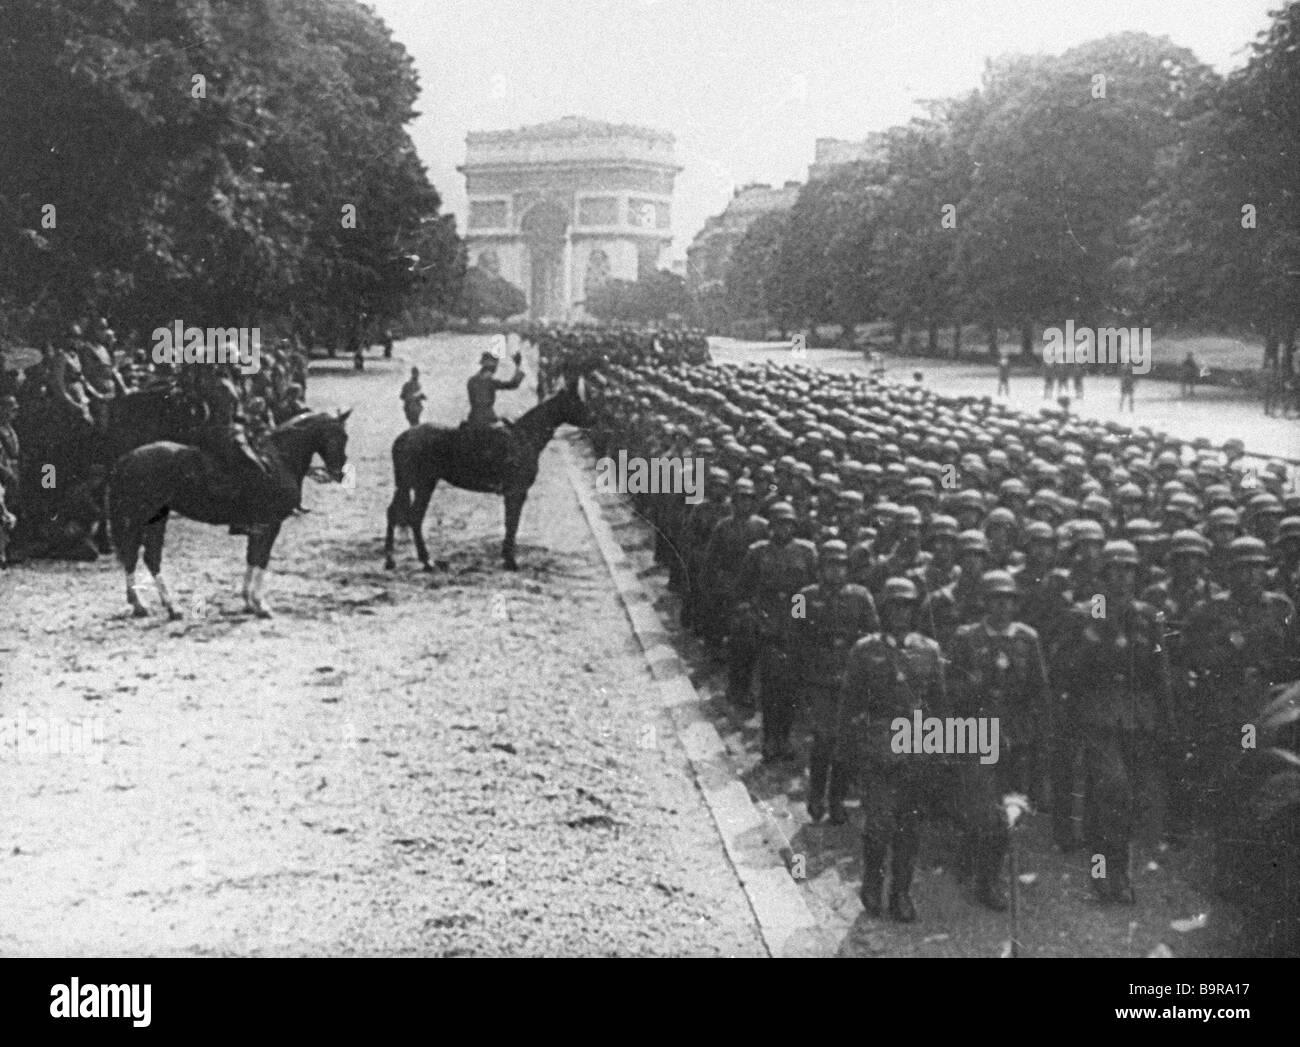 Die Hitler-Truppen in den Straßen von Paris in großen Sieges des Sowjetvolkes Dokumentarfilms Stockfoto